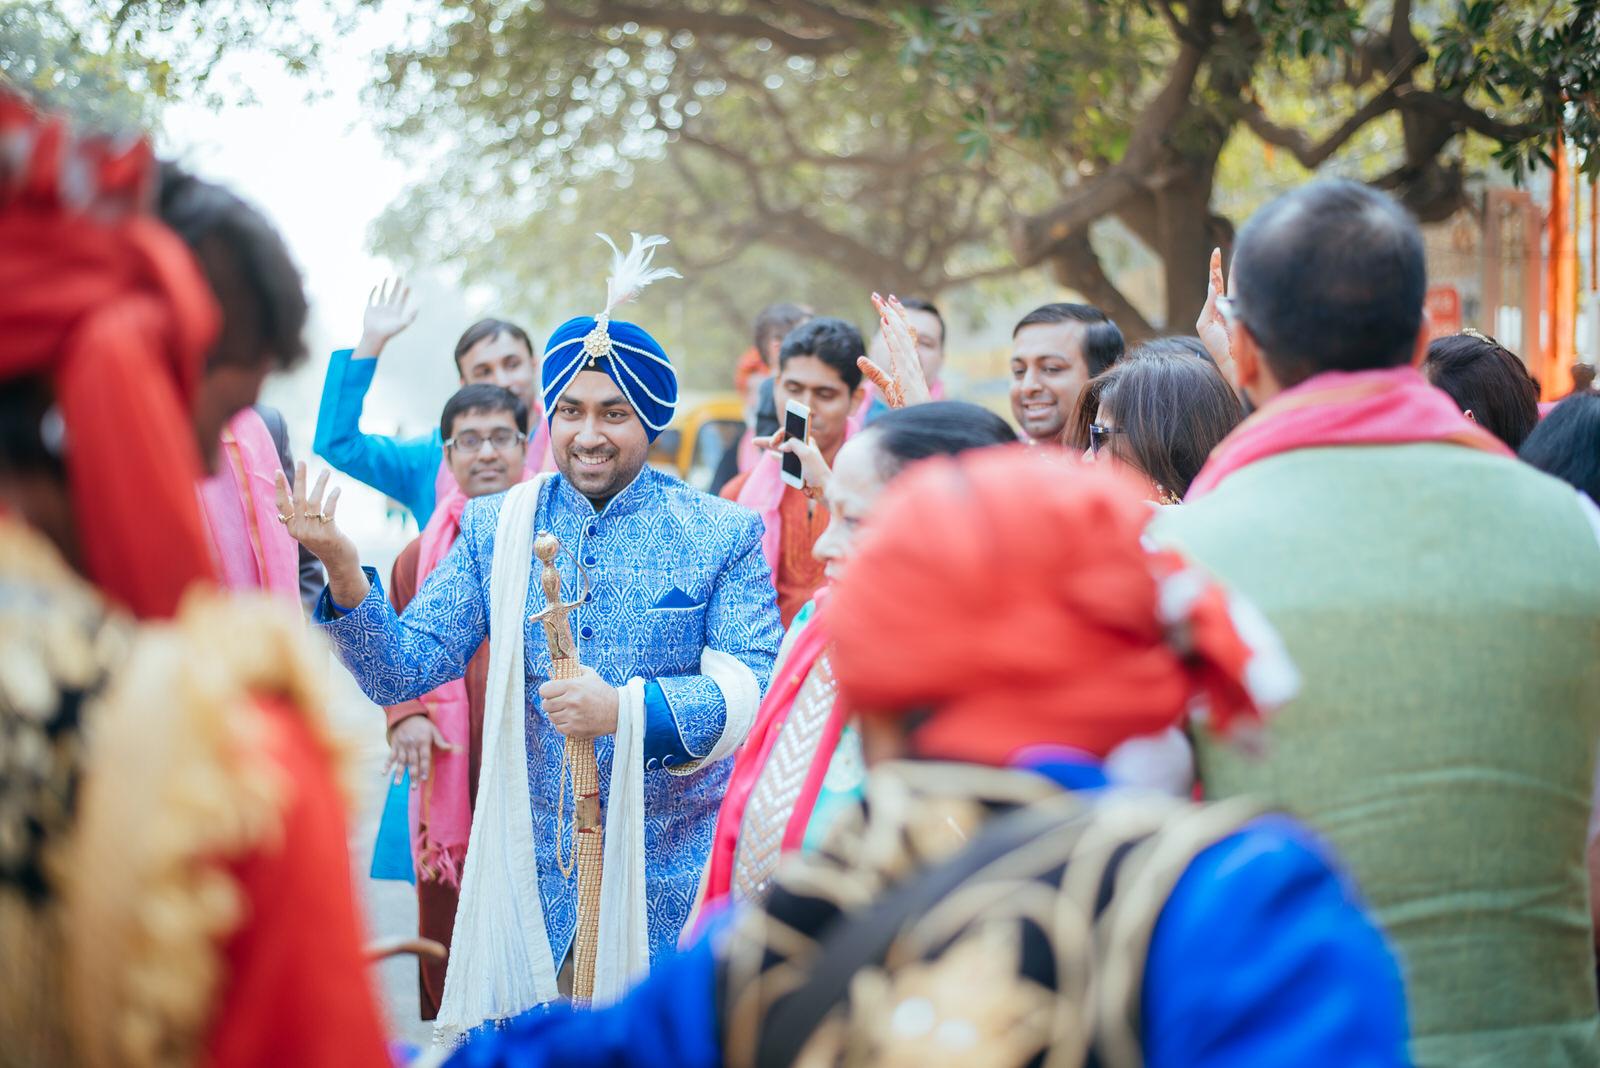 Sikh Wedding Day 1 - Camera 1-200.jpg